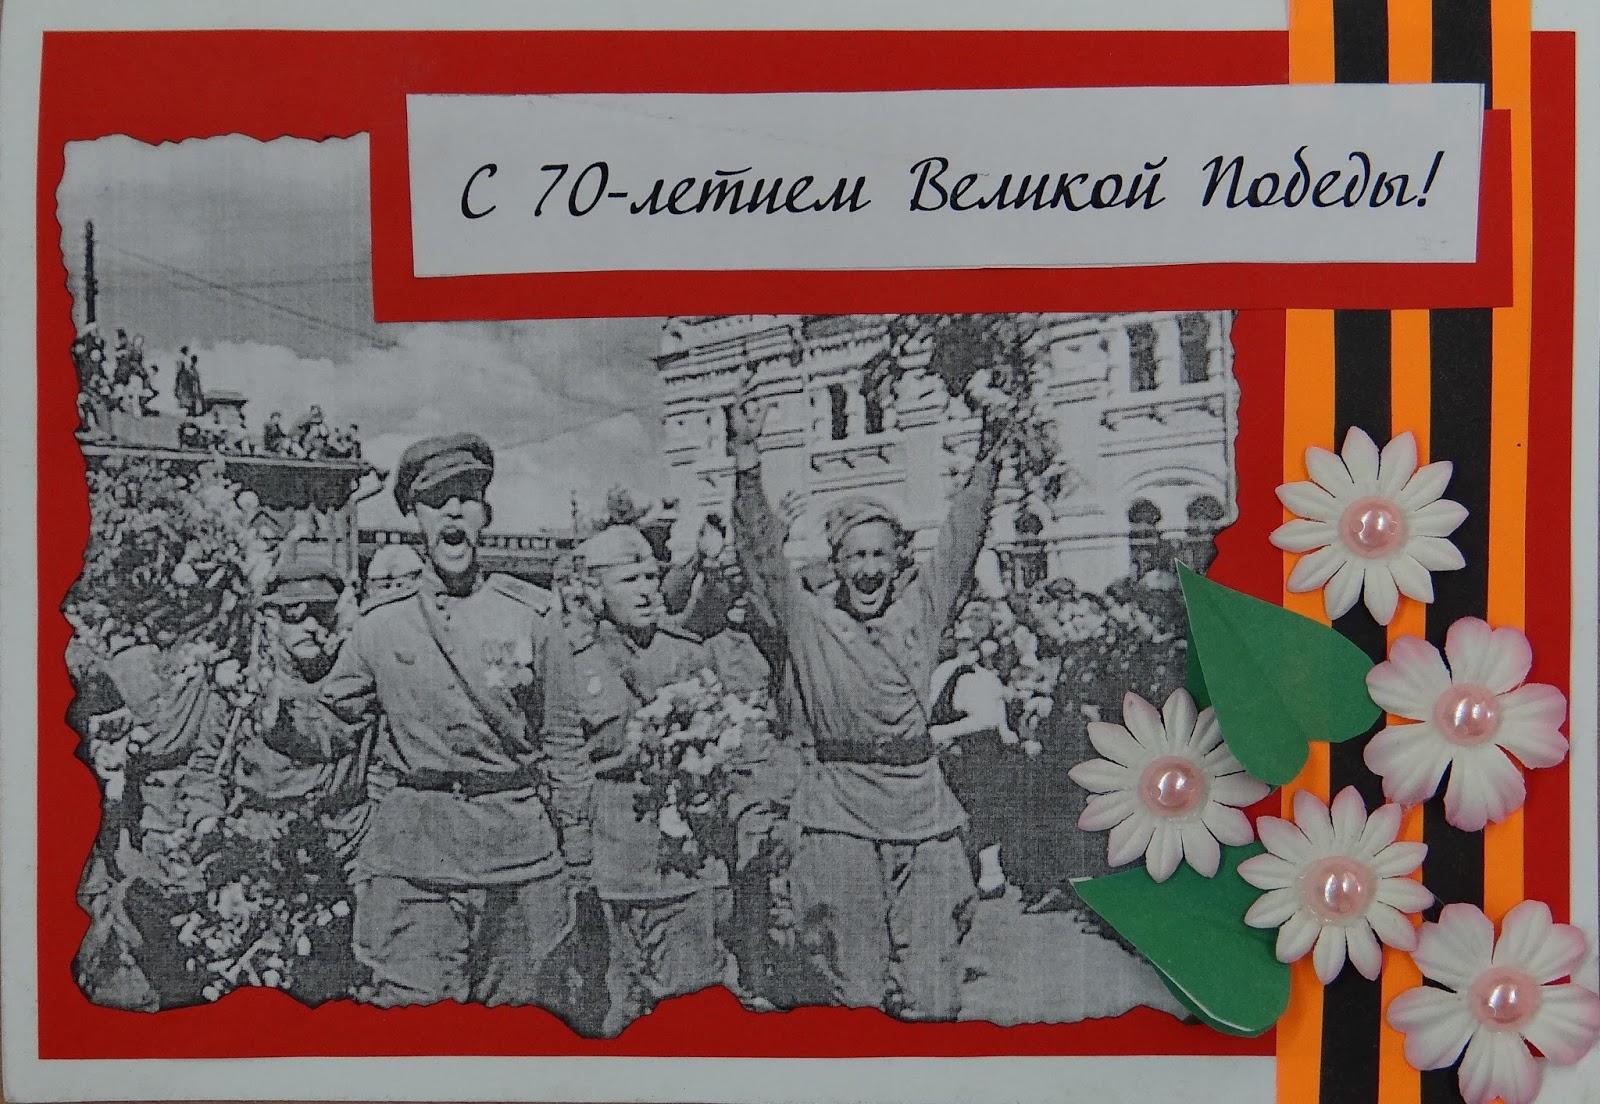 Надписью лопатой, акция открытка победы